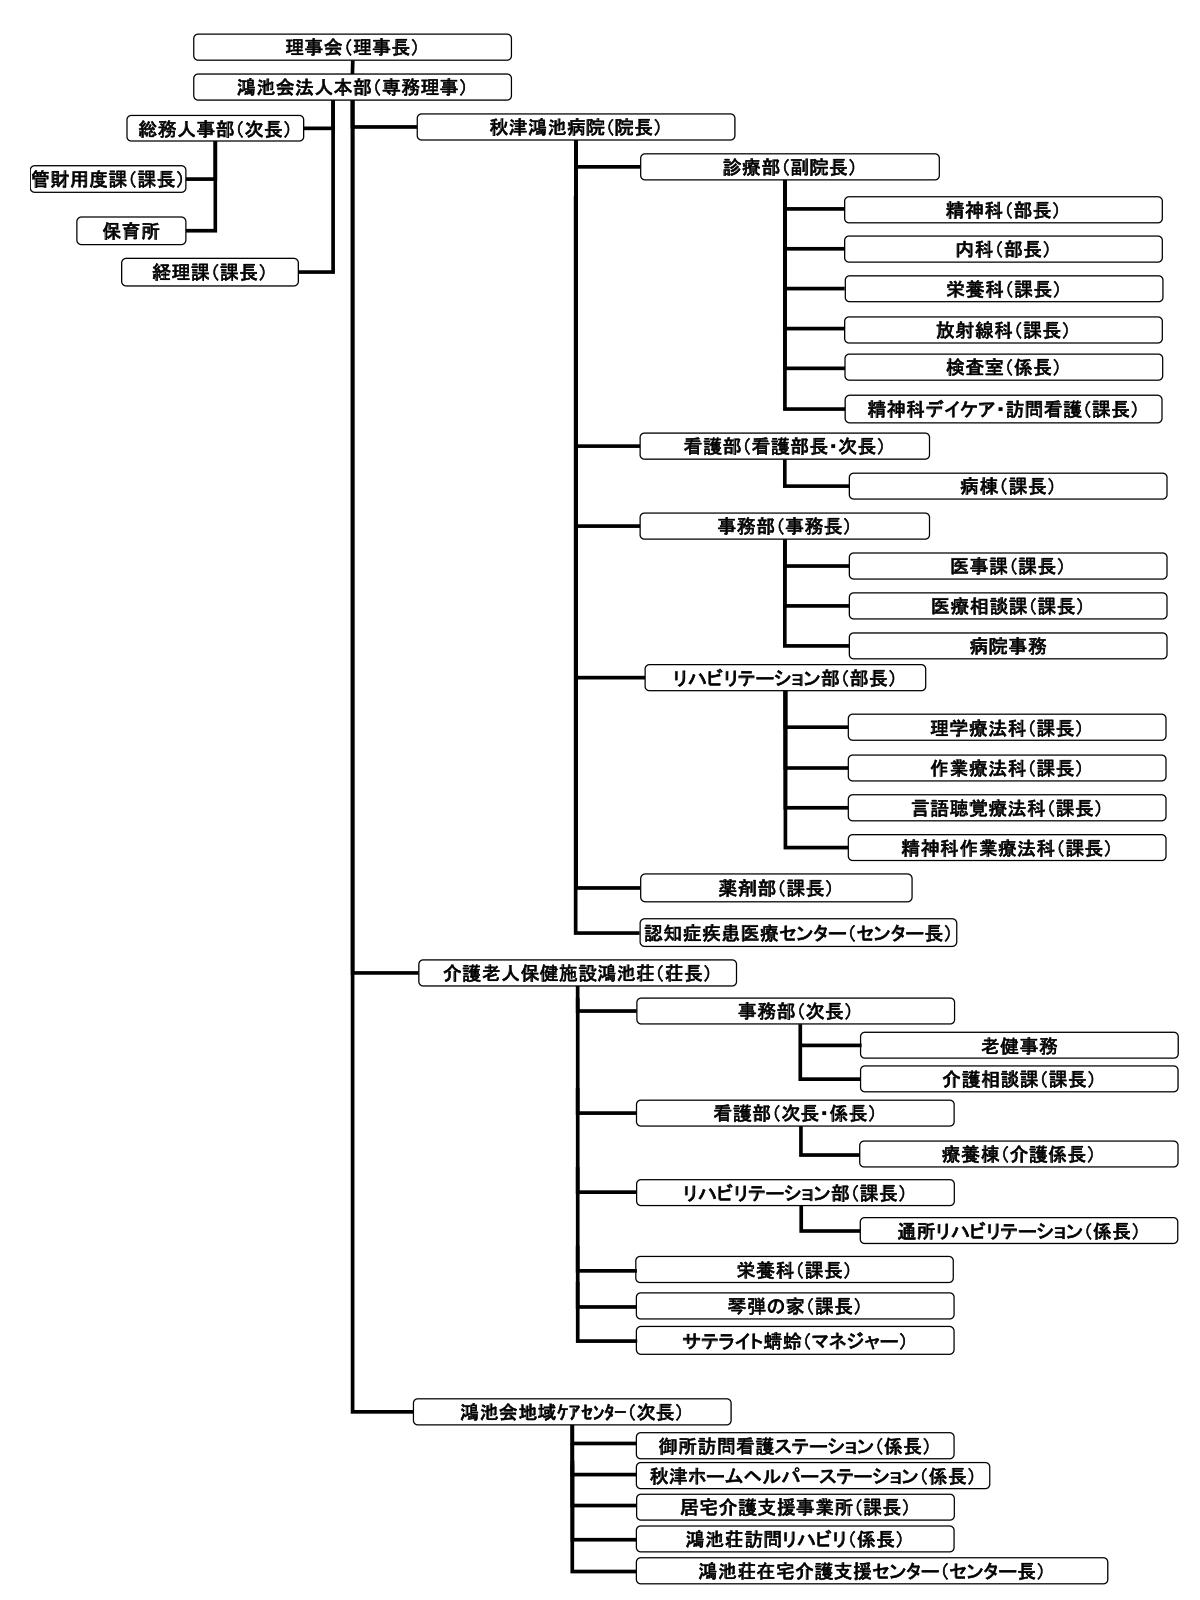 鴻池会 組織図